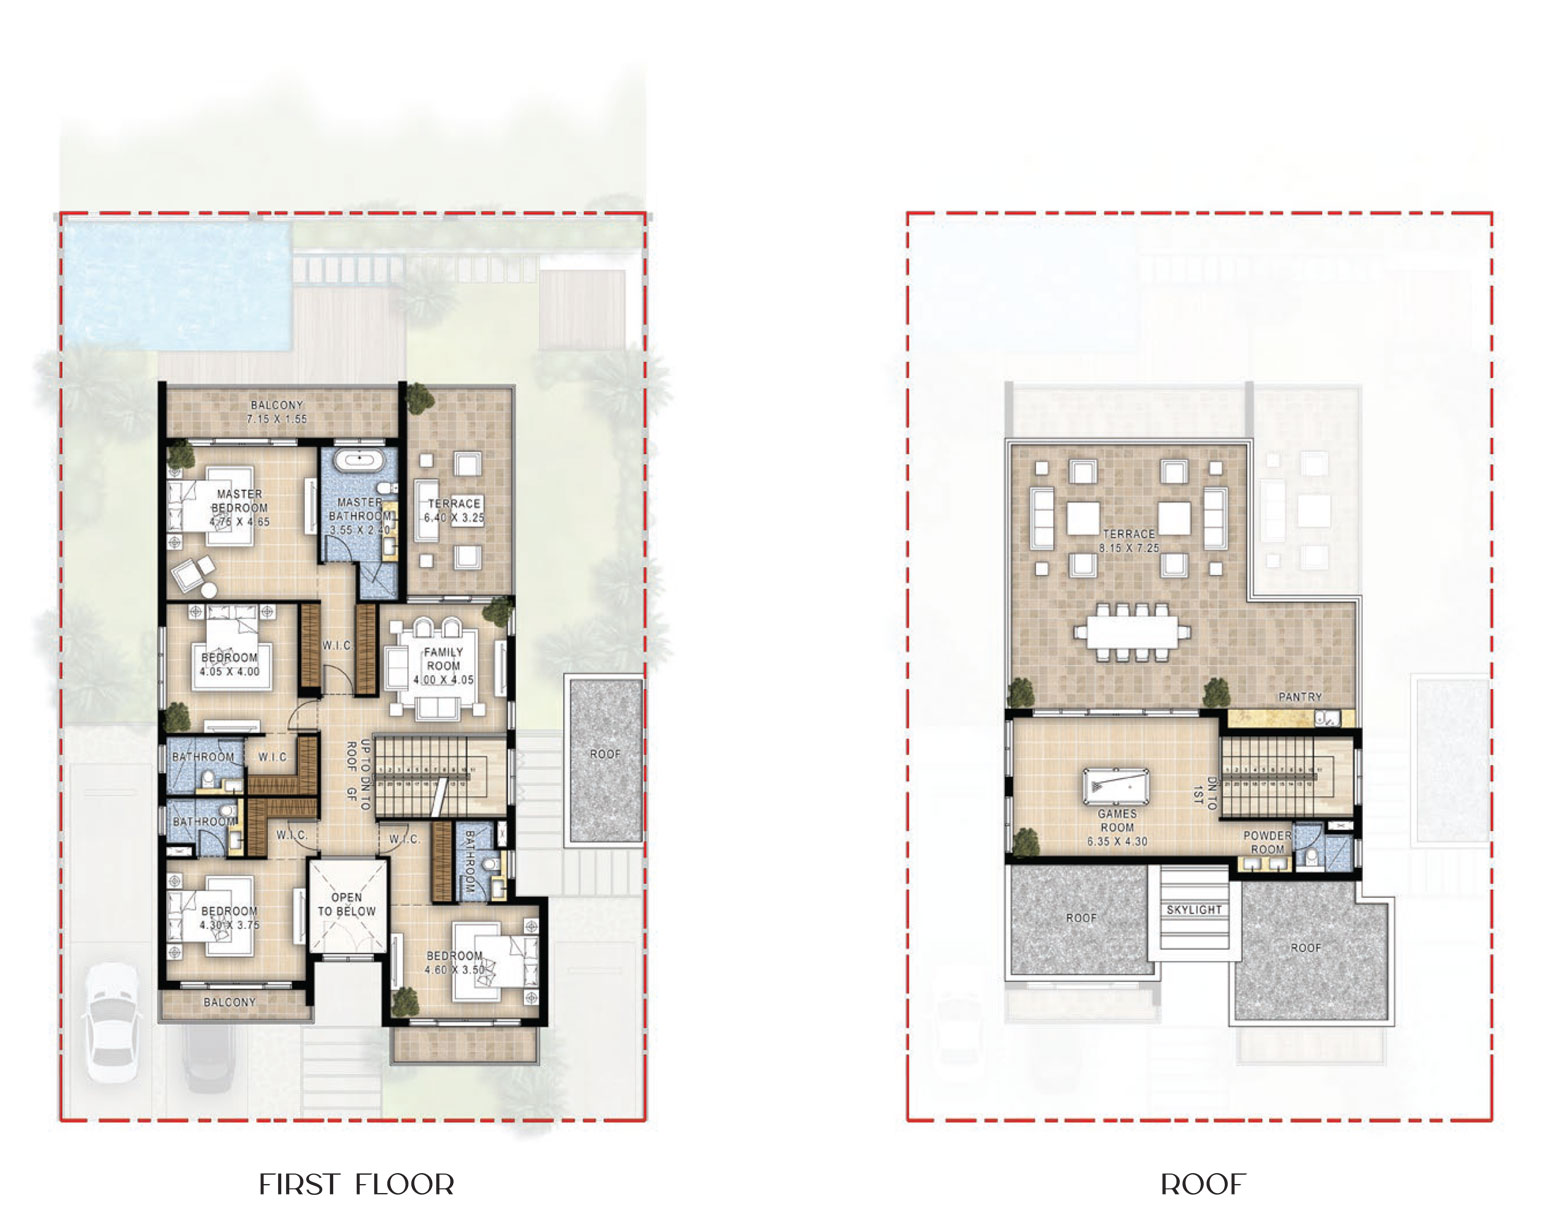 فلل، 3 غرف نوم، الطابق الأول والتراس ، بمساحة 6112 قدم مربع